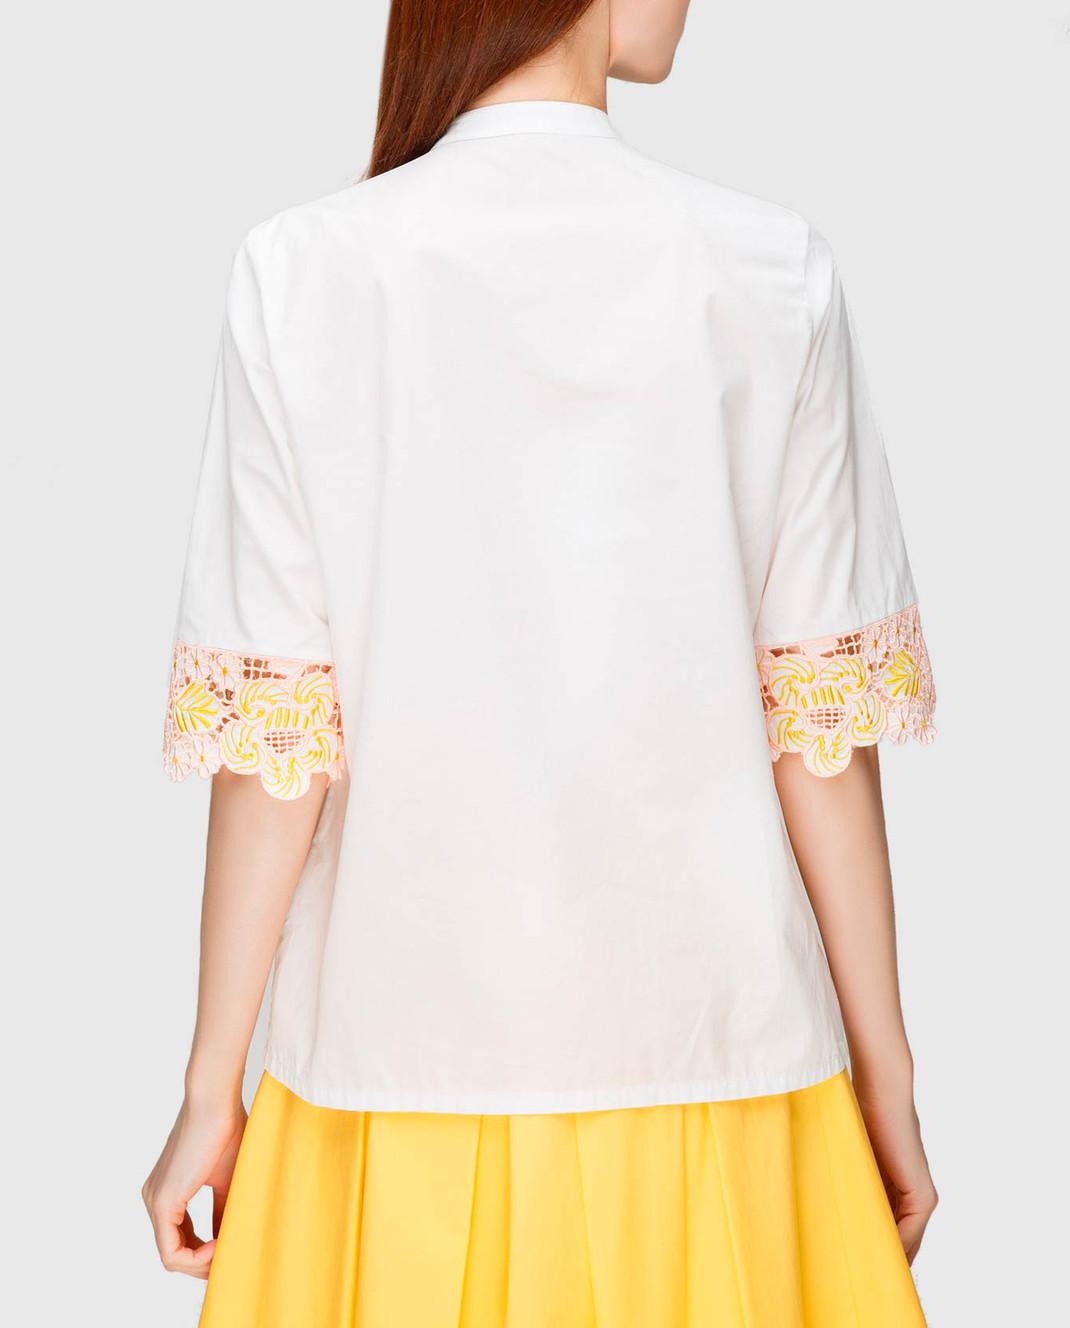 Etro Белая блуза с вышивкой D15180 изображение 4